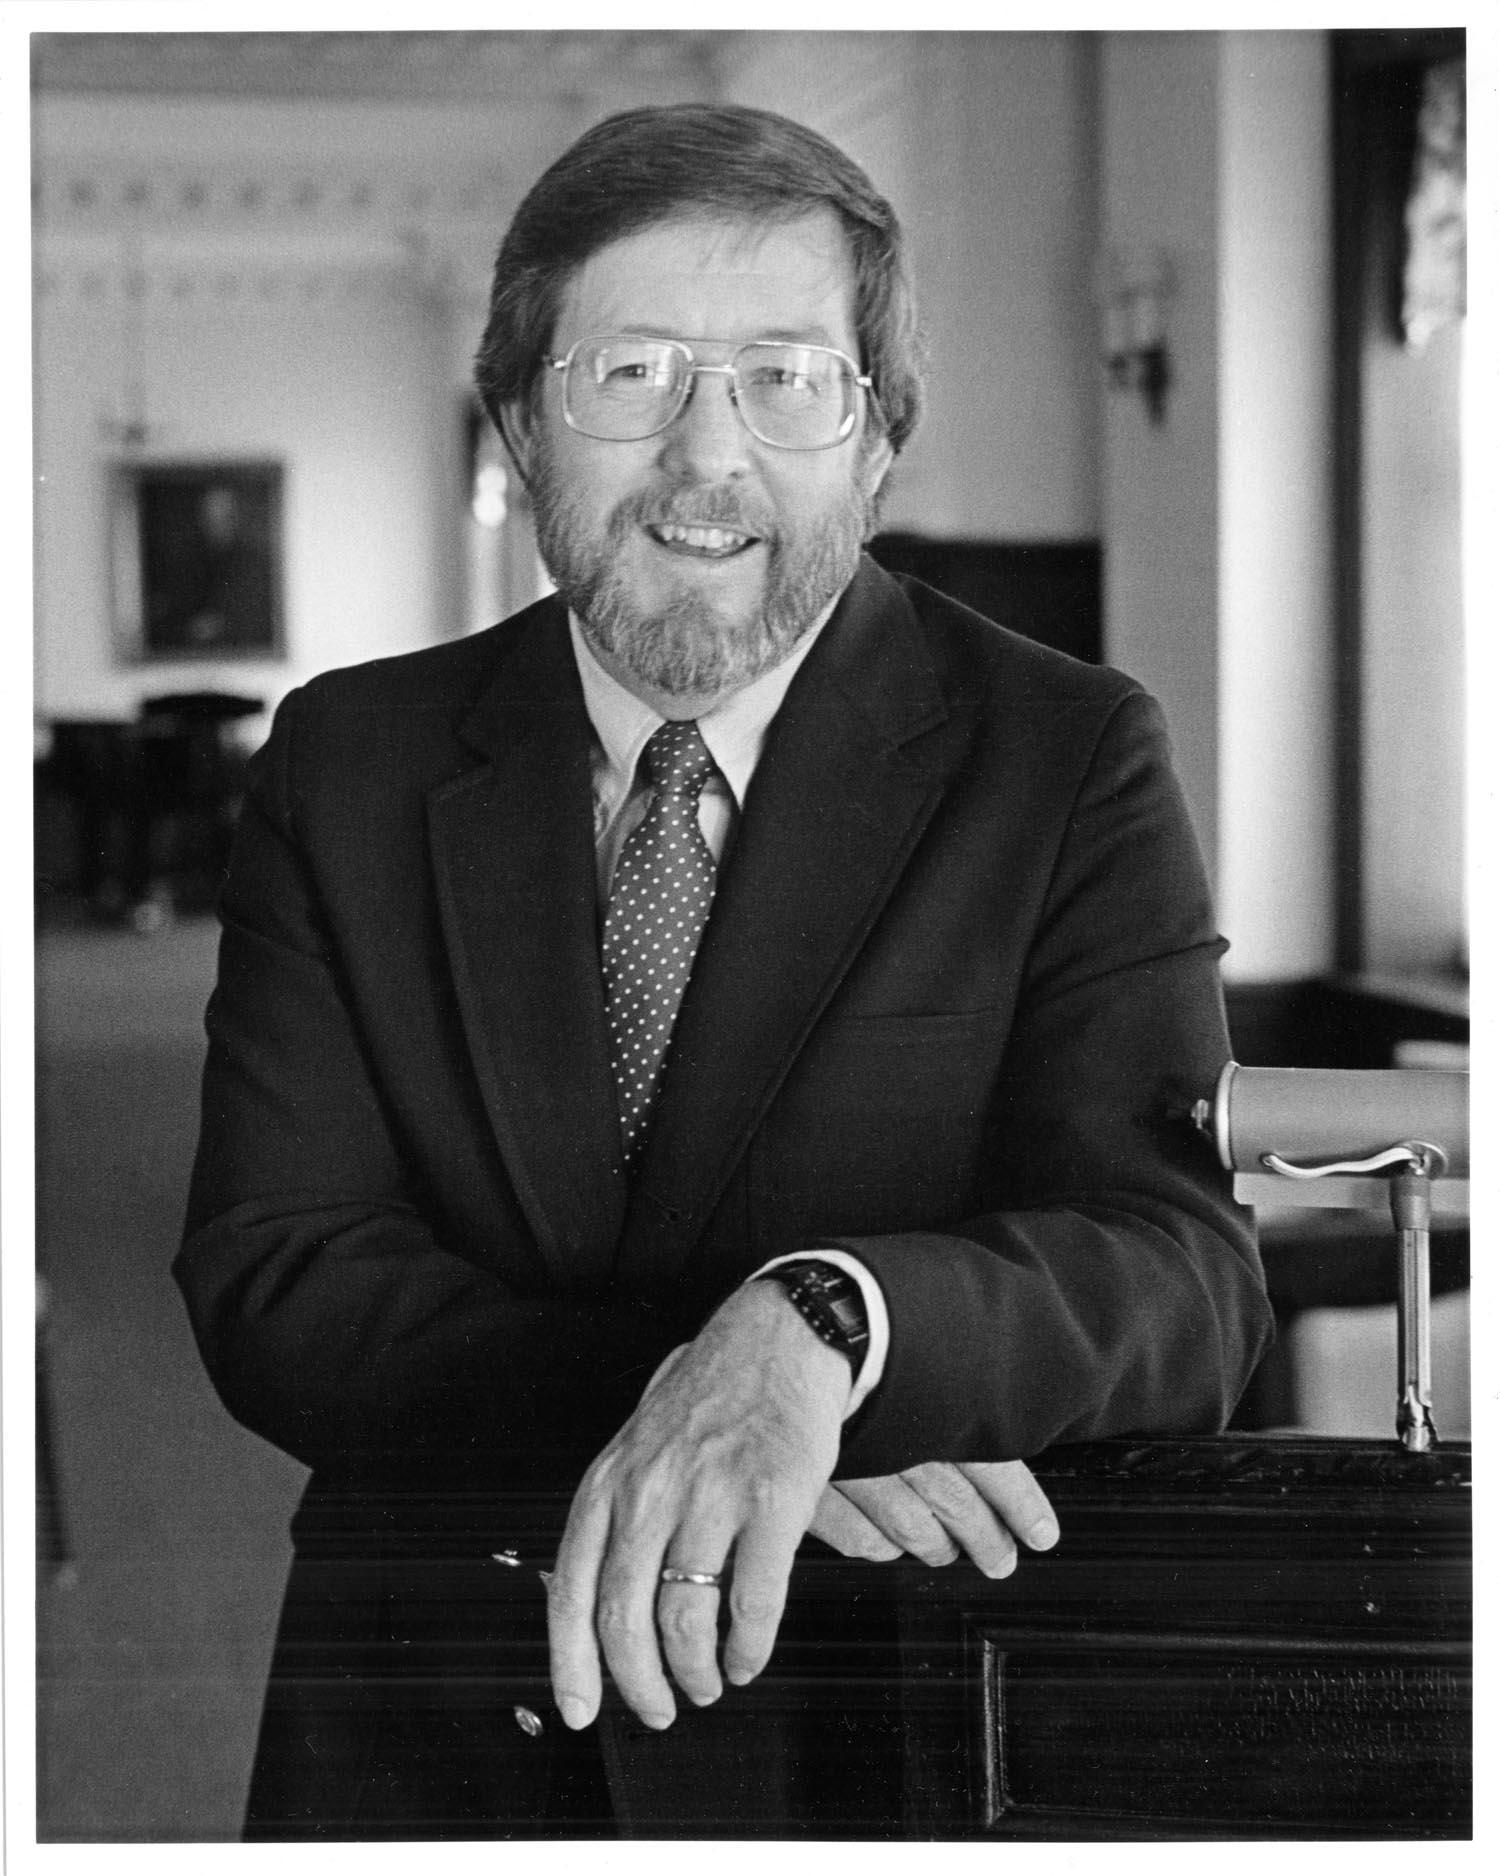 President Robert H. Chambers III